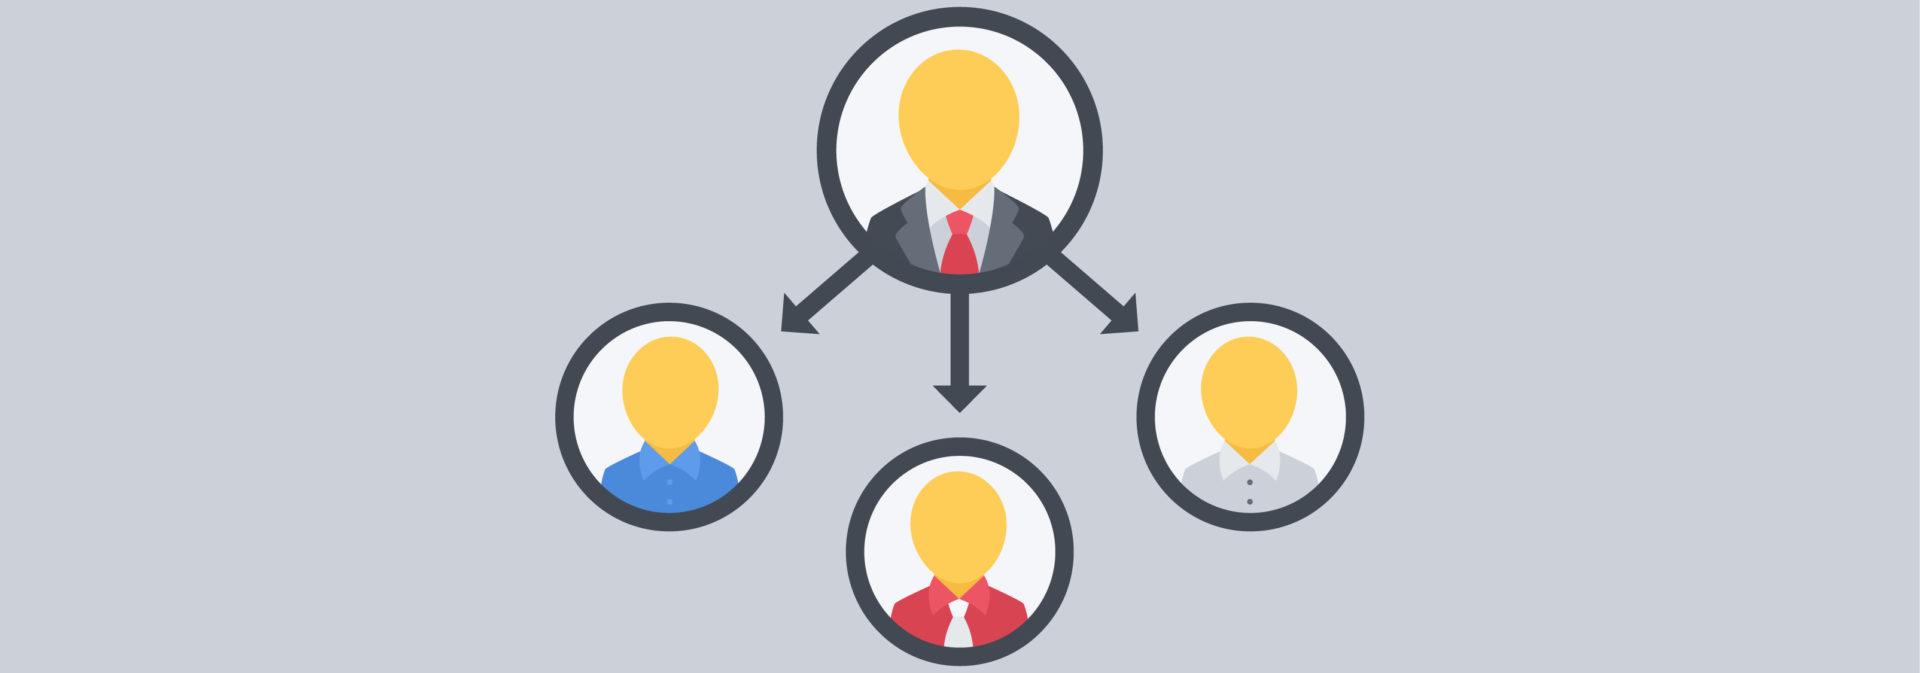 Логотип «Как руководителю не из IT-сферы управлять айтишниками в компании — отвечают эксперты»